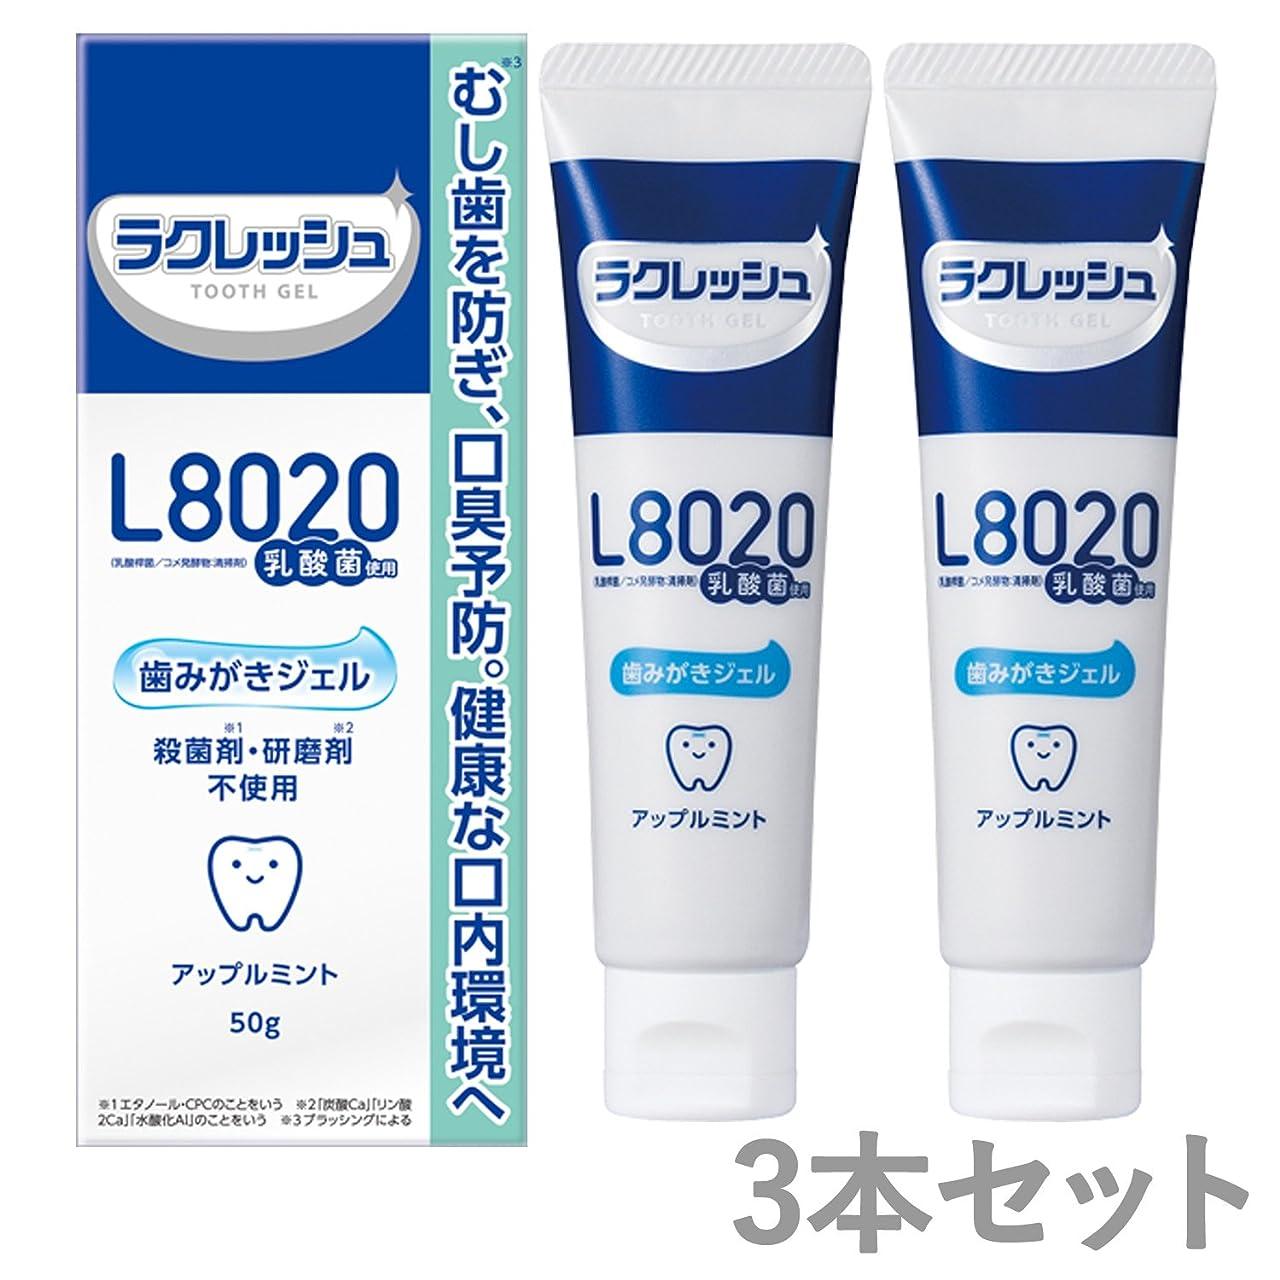 差し控える触覚はねかけるジェクス L8020乳酸菌 ラクレッシュ 歯みがきジェル 50g × 3個セット